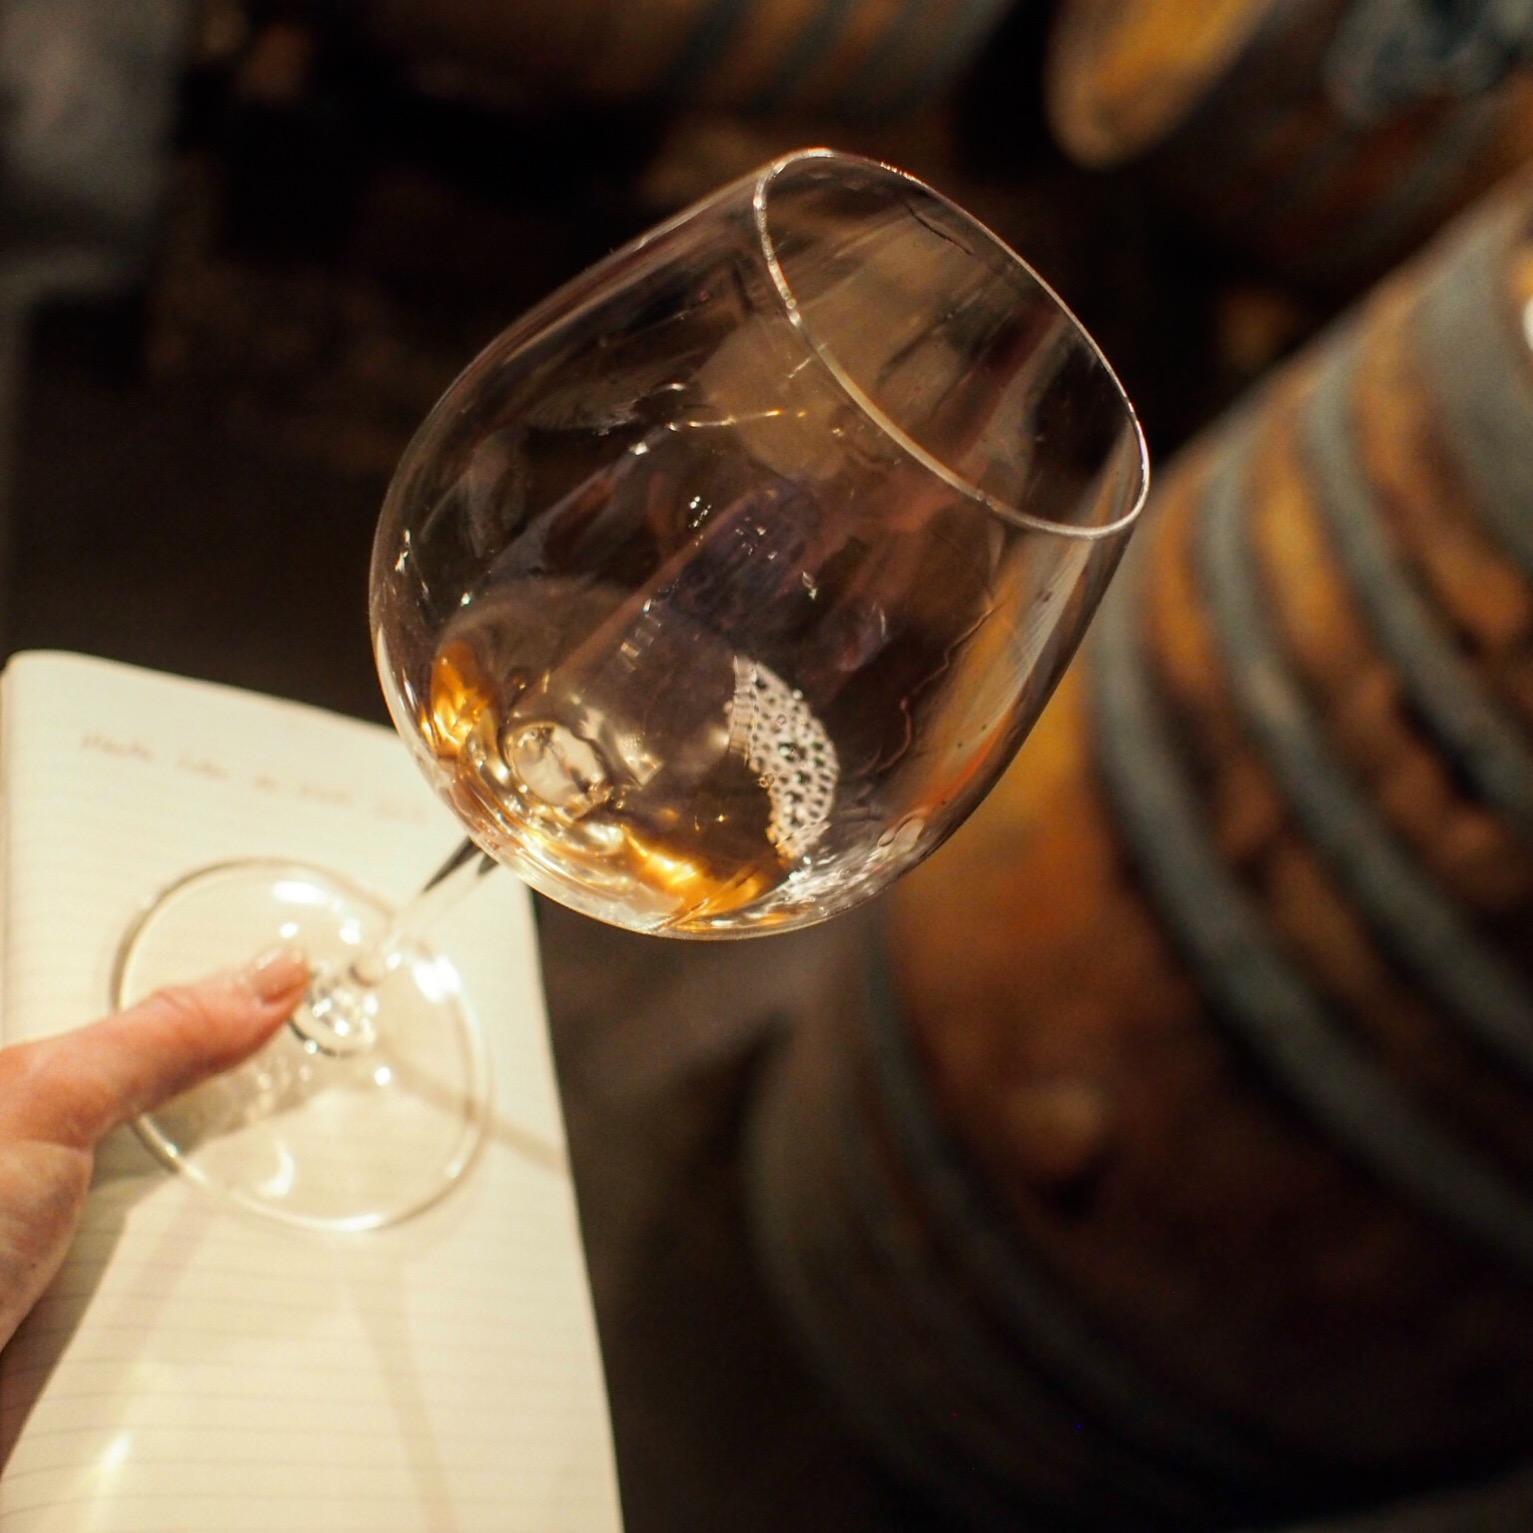 Jean-Yves Bizot's Bourgogne Hautes Côtes de Nuits: evades scoring